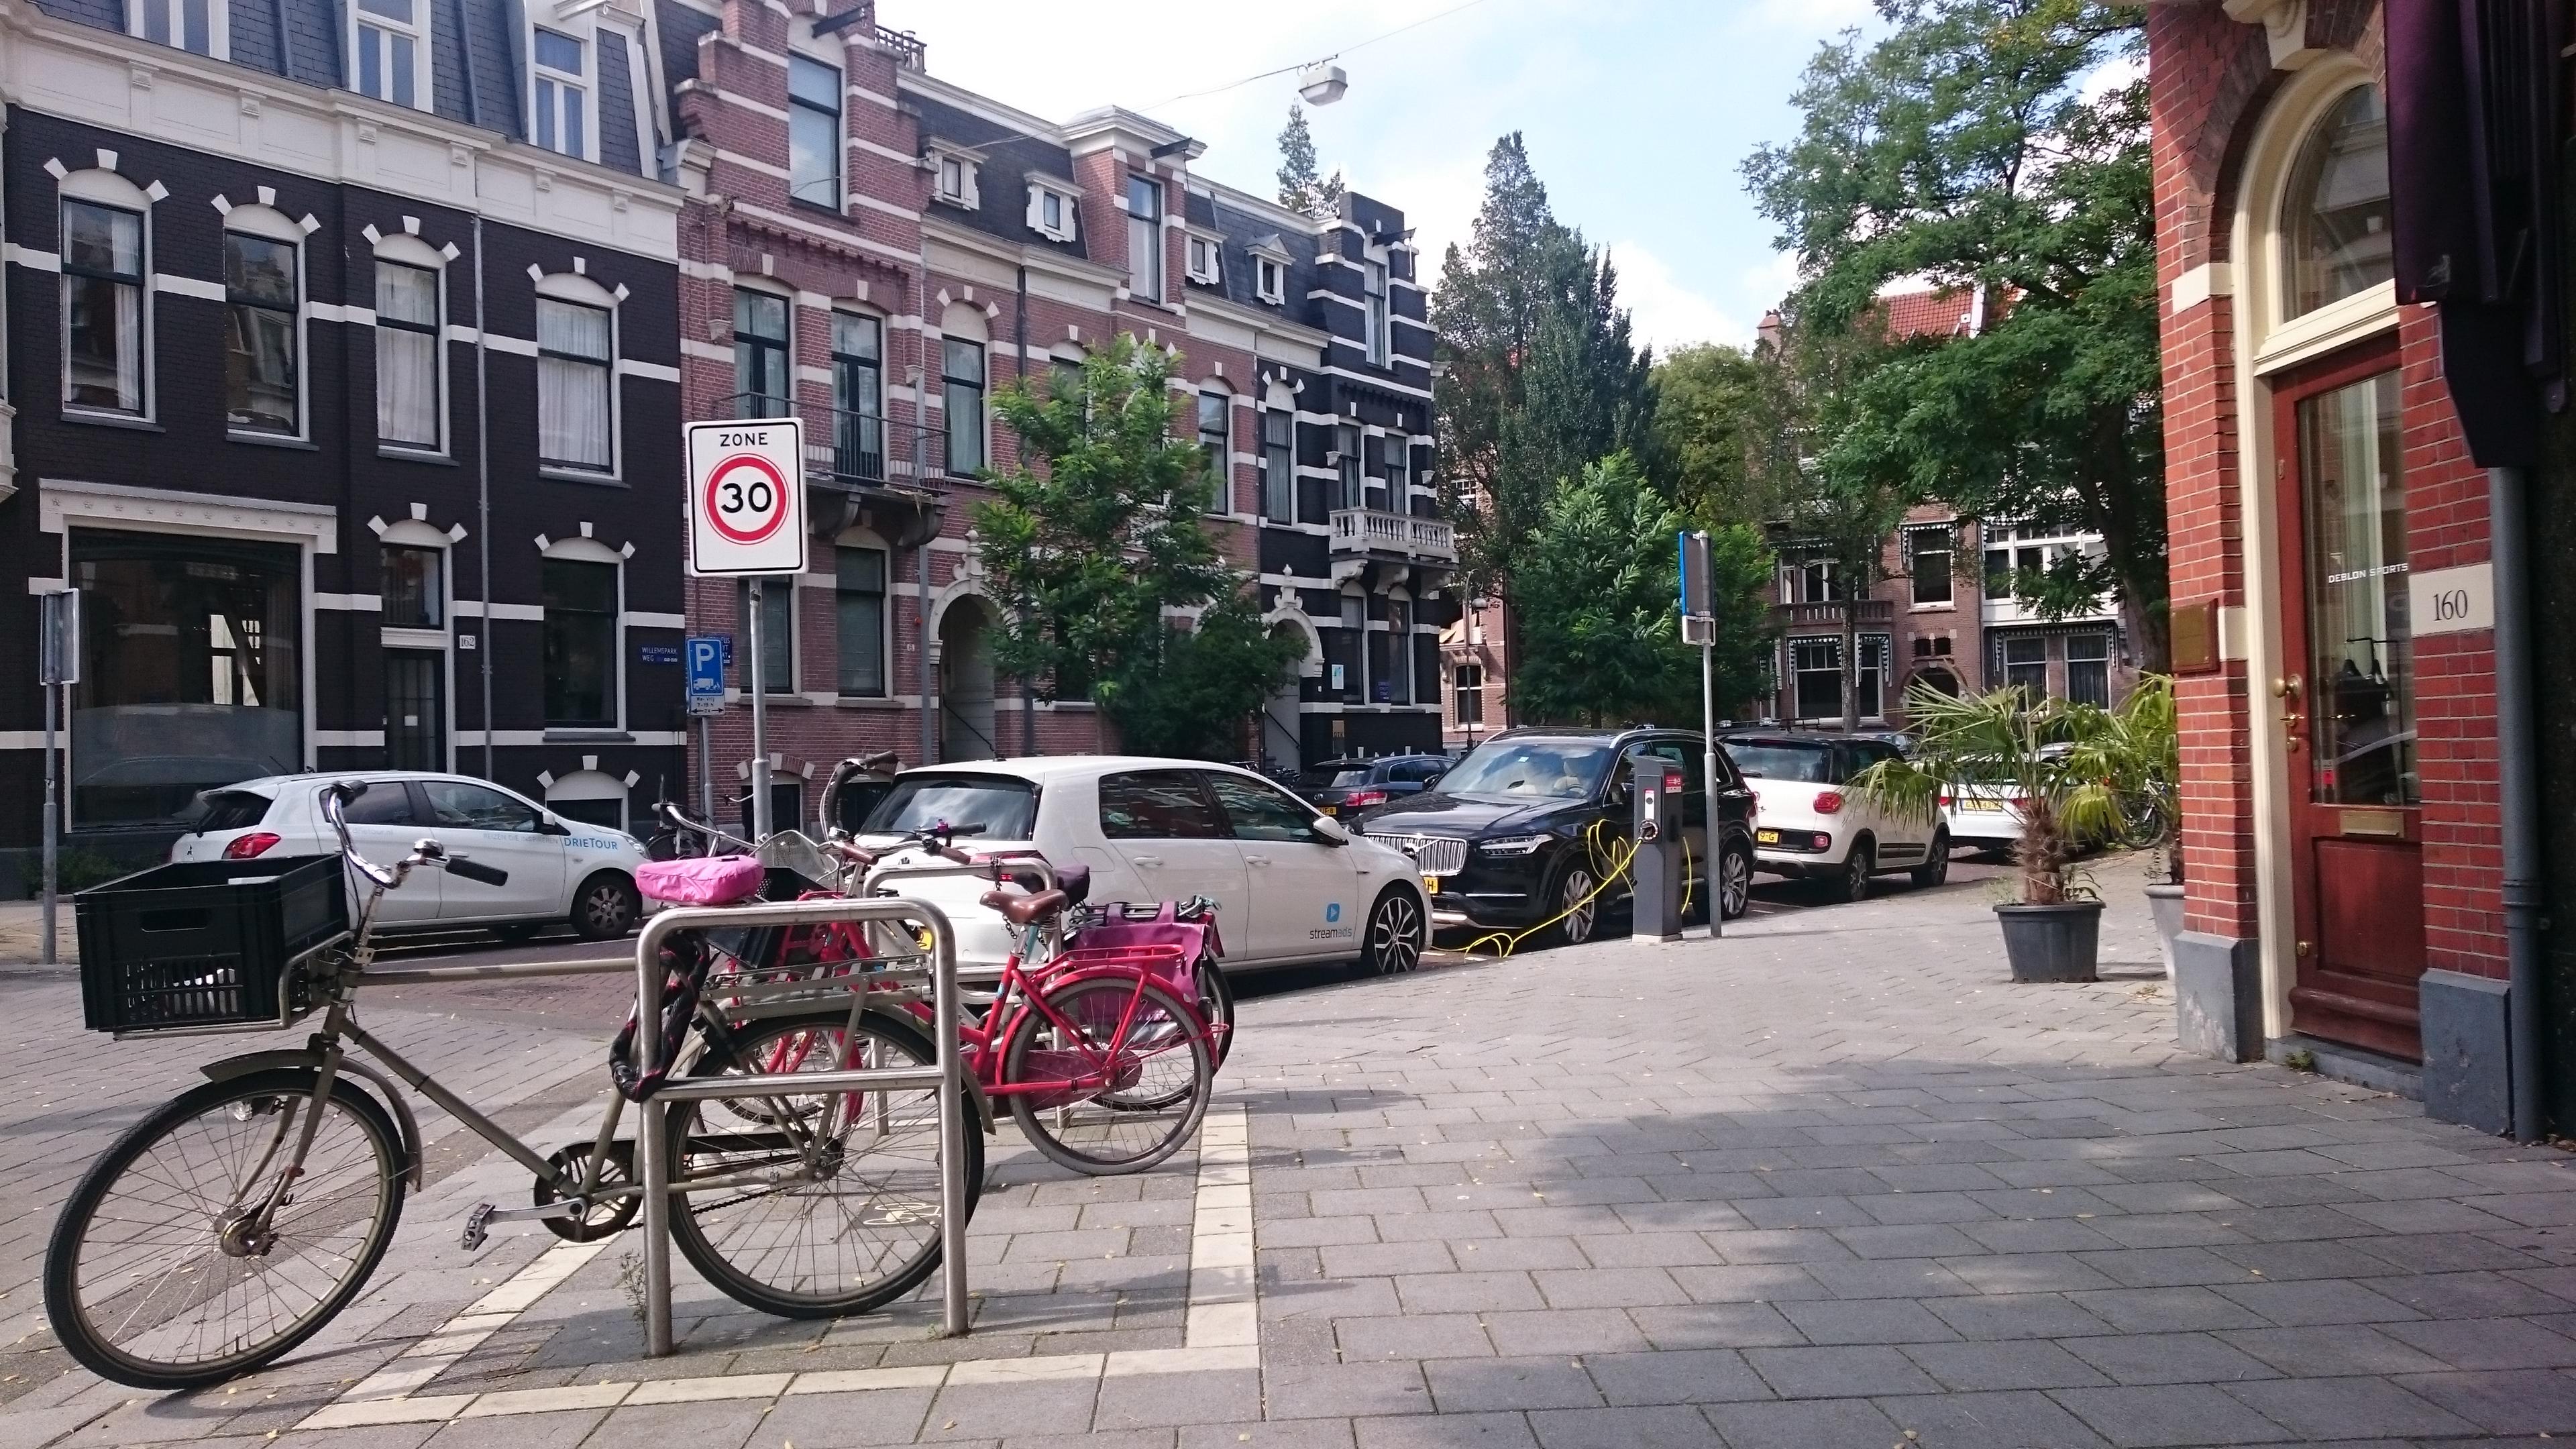 Экология, окружающая среда и автотранспорт. Амстердам.